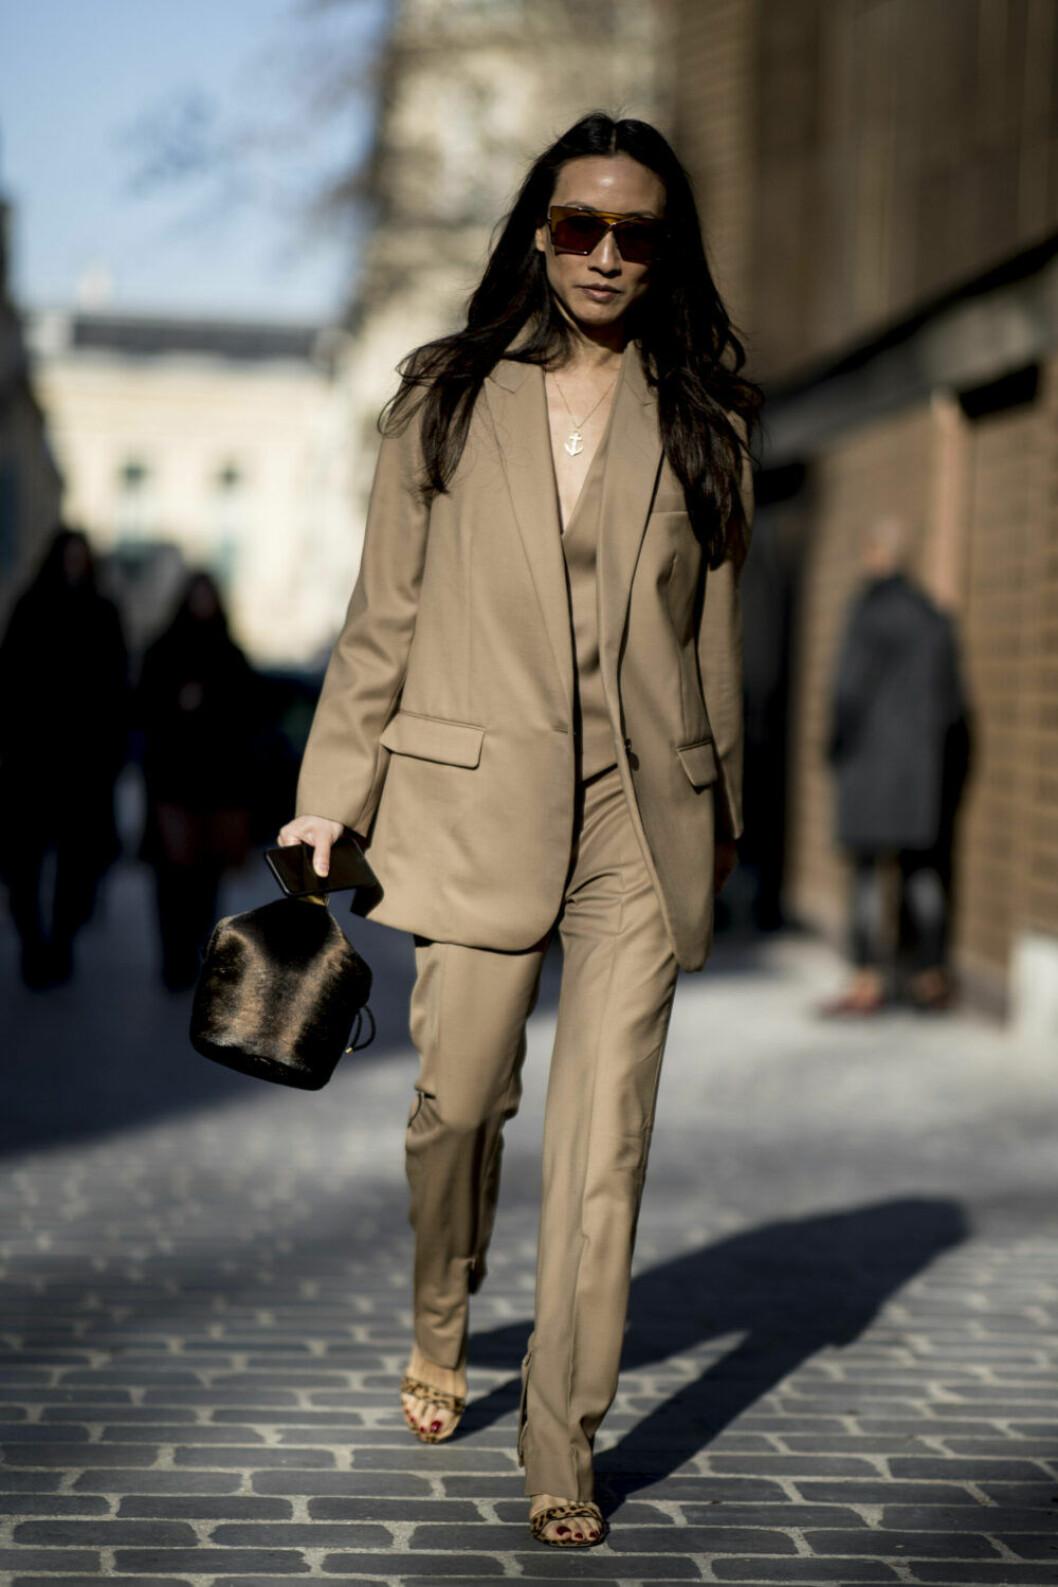 Streetstyle Paris FW, kostym i beige från topp till tå.